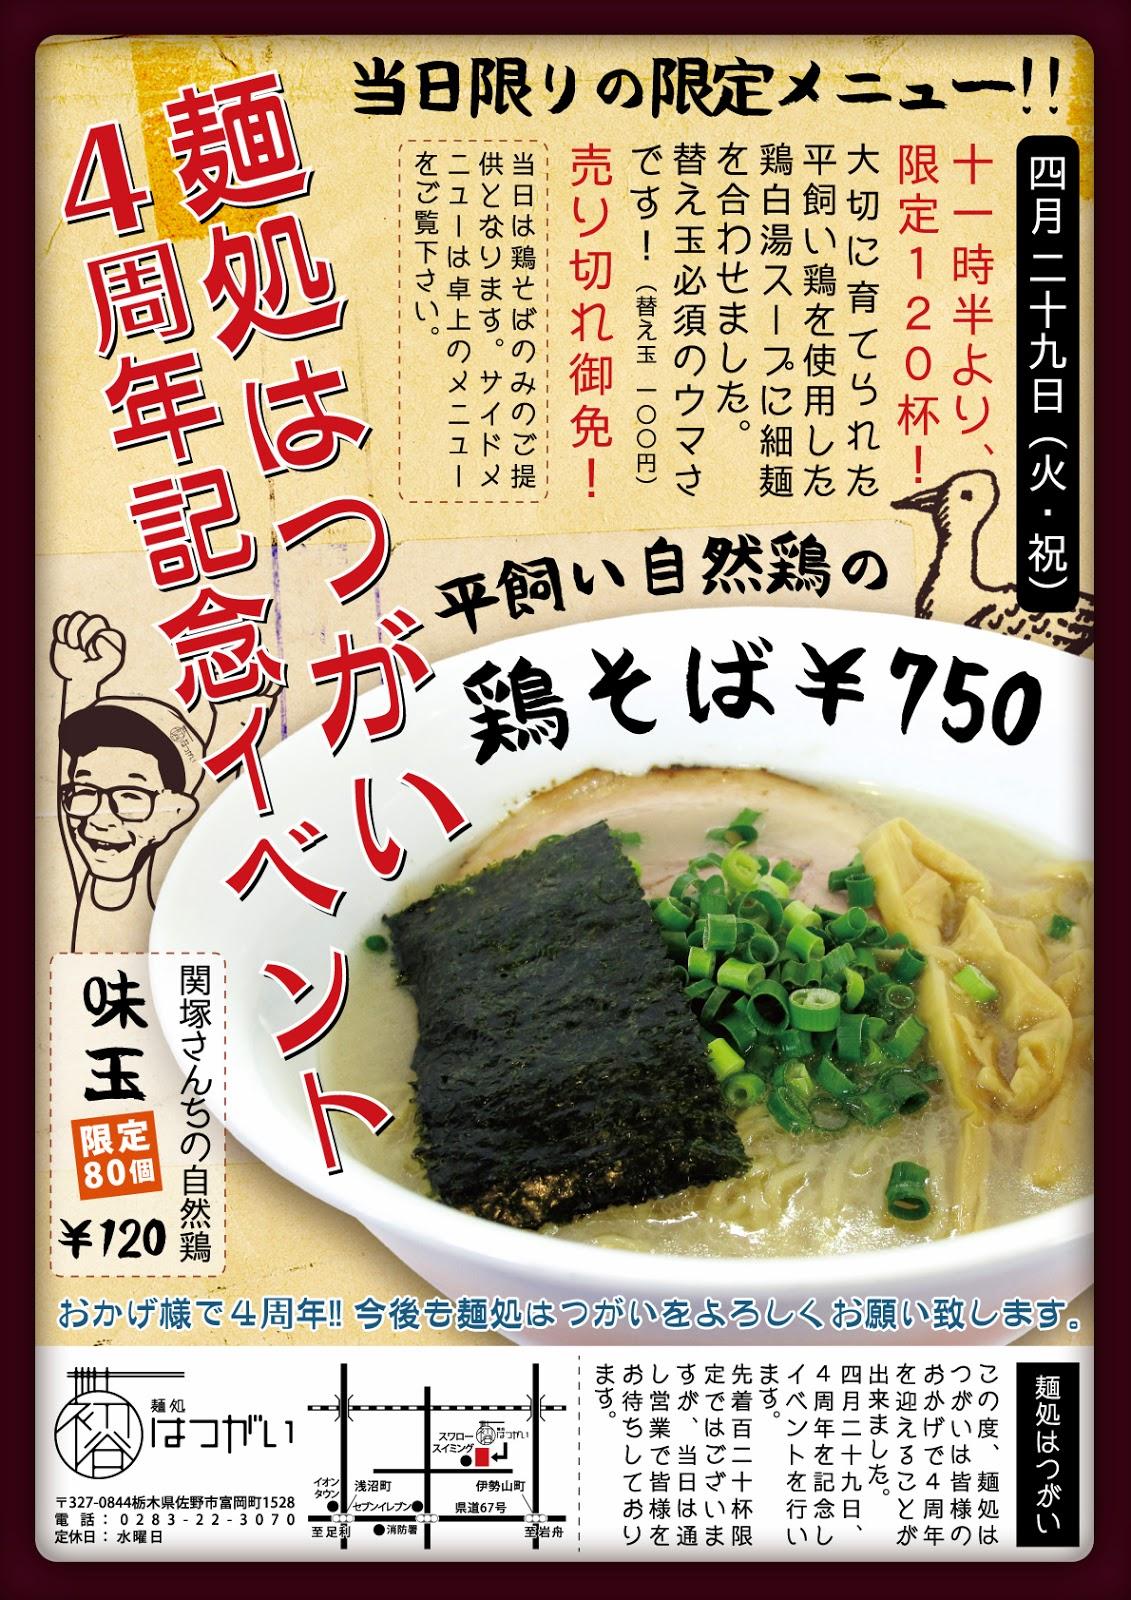 麺処はつがい・4周年記念イベント